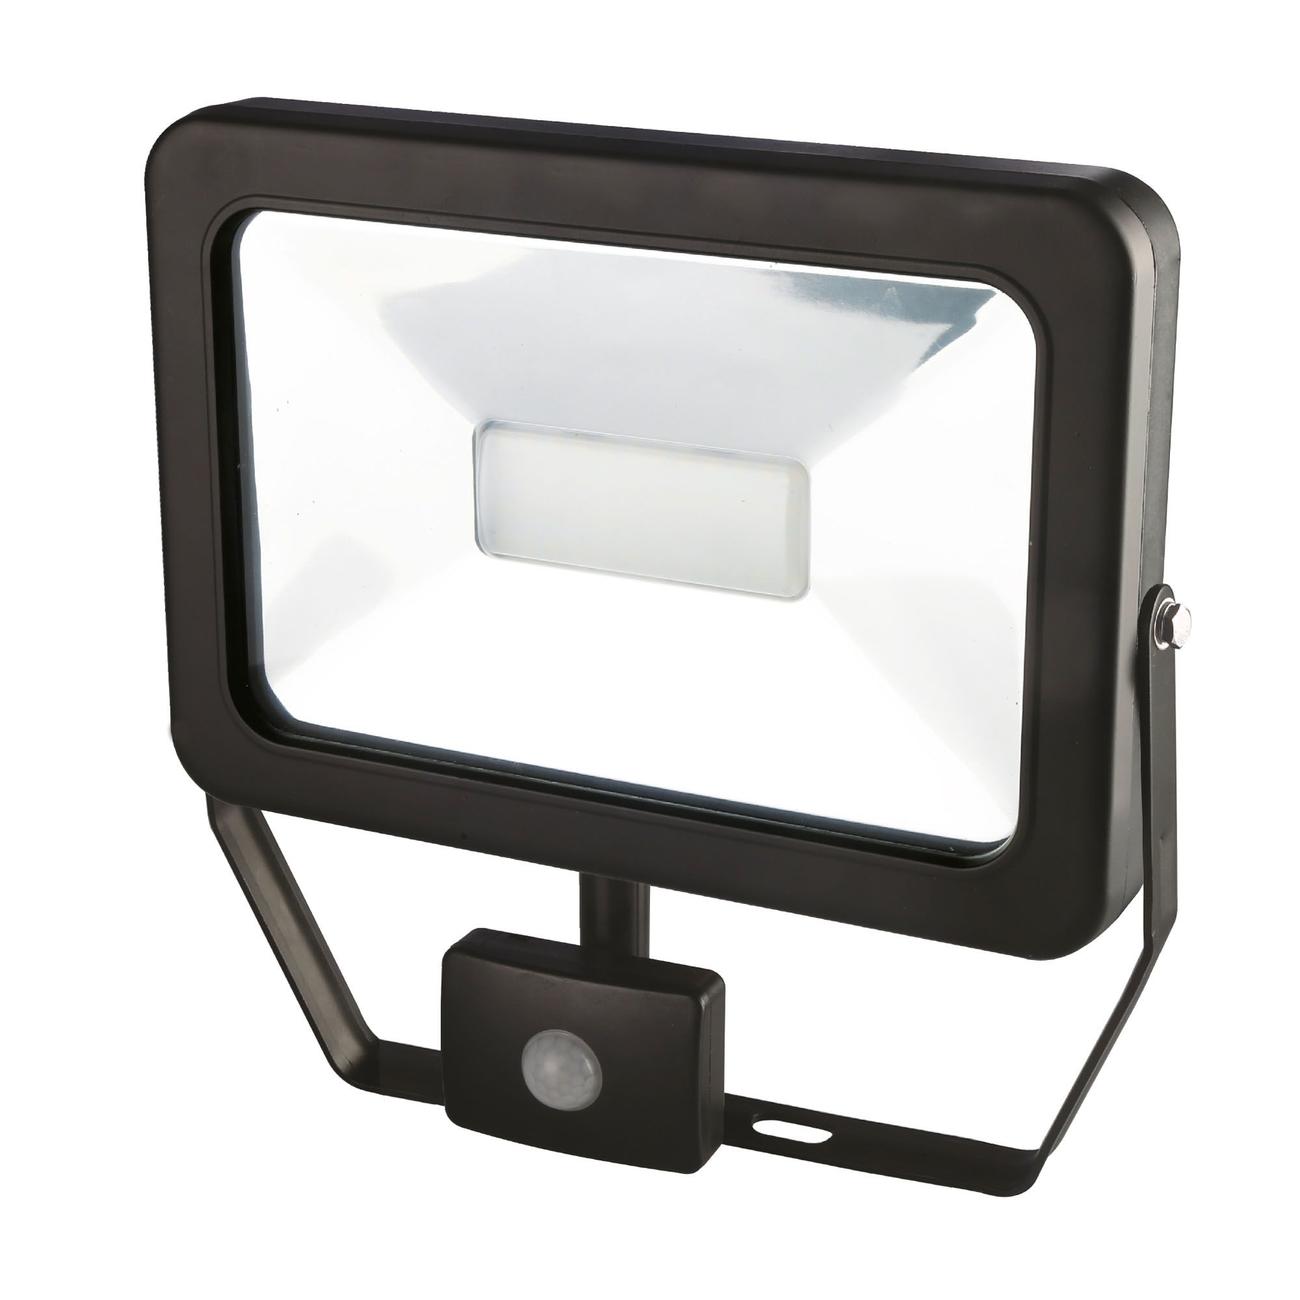 Kerbl LED-Außenstrahler mit oder ohne Bewegungsmelder, 50W, mit Bewegungsmelder - 4000Im, B278xH255xT75mm